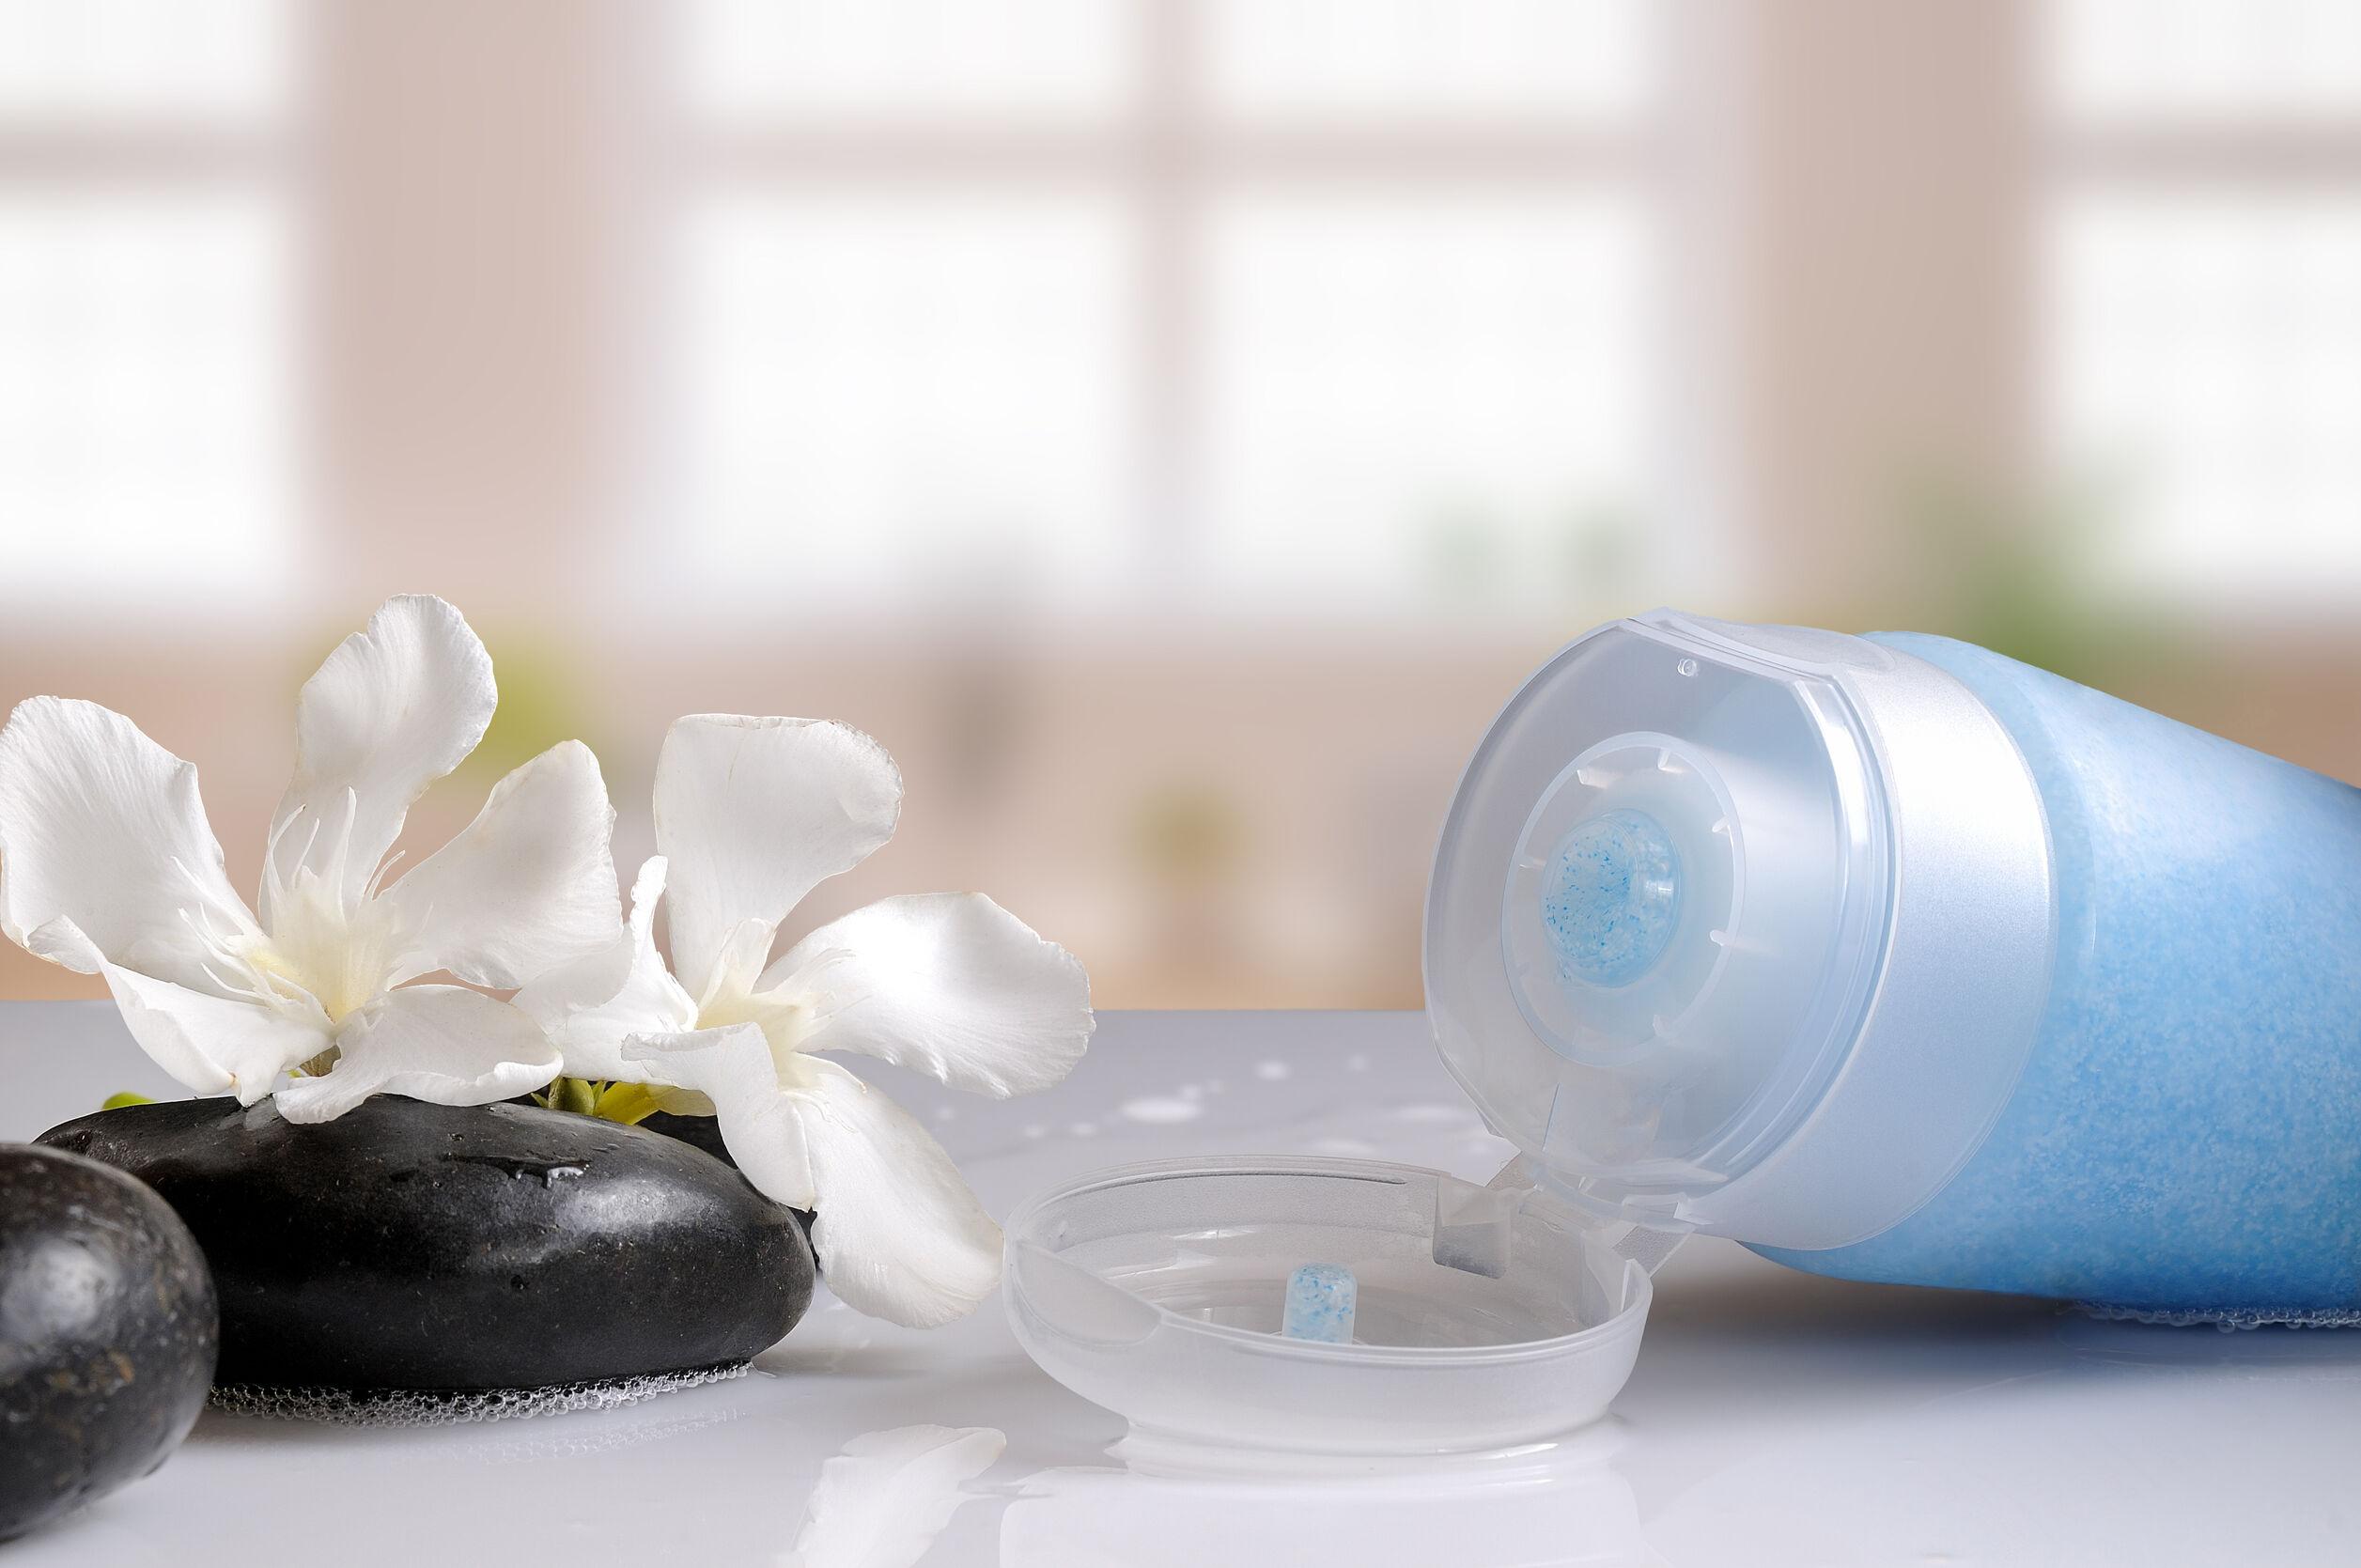 Gel exfoliante azul sobre una mesa de vidrio blanco en un baño